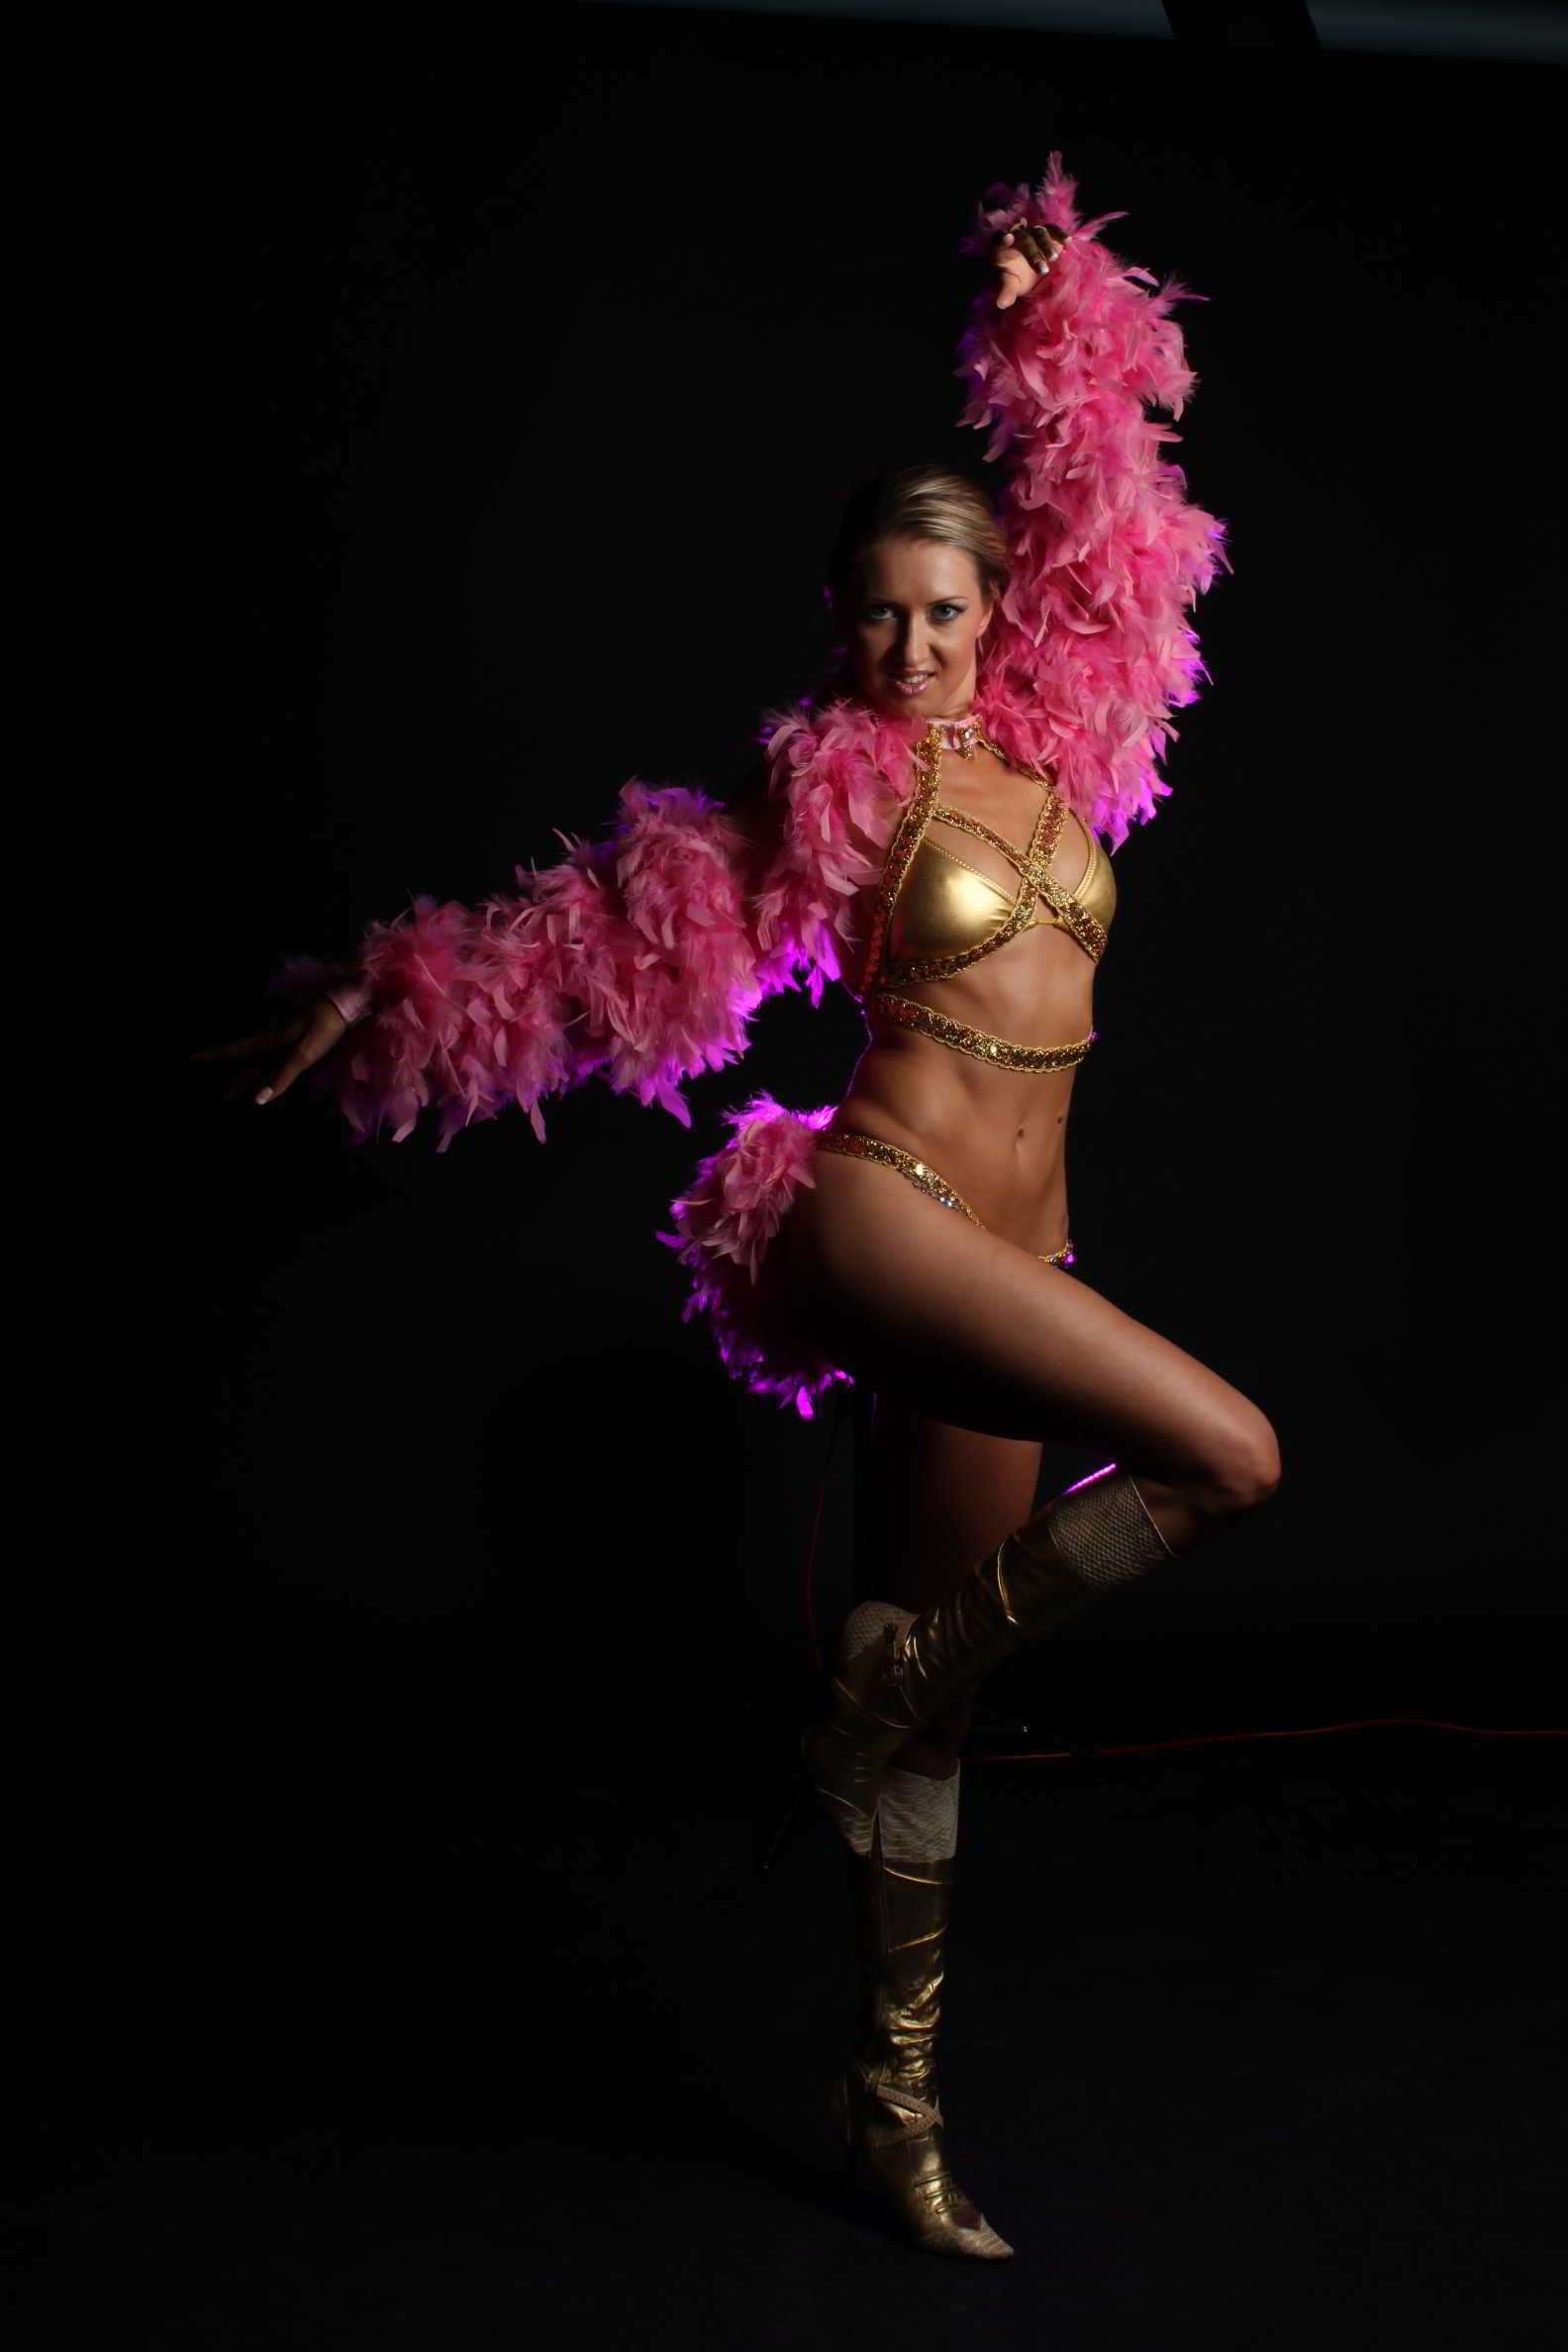 Stripteaseuse blanquefort lina